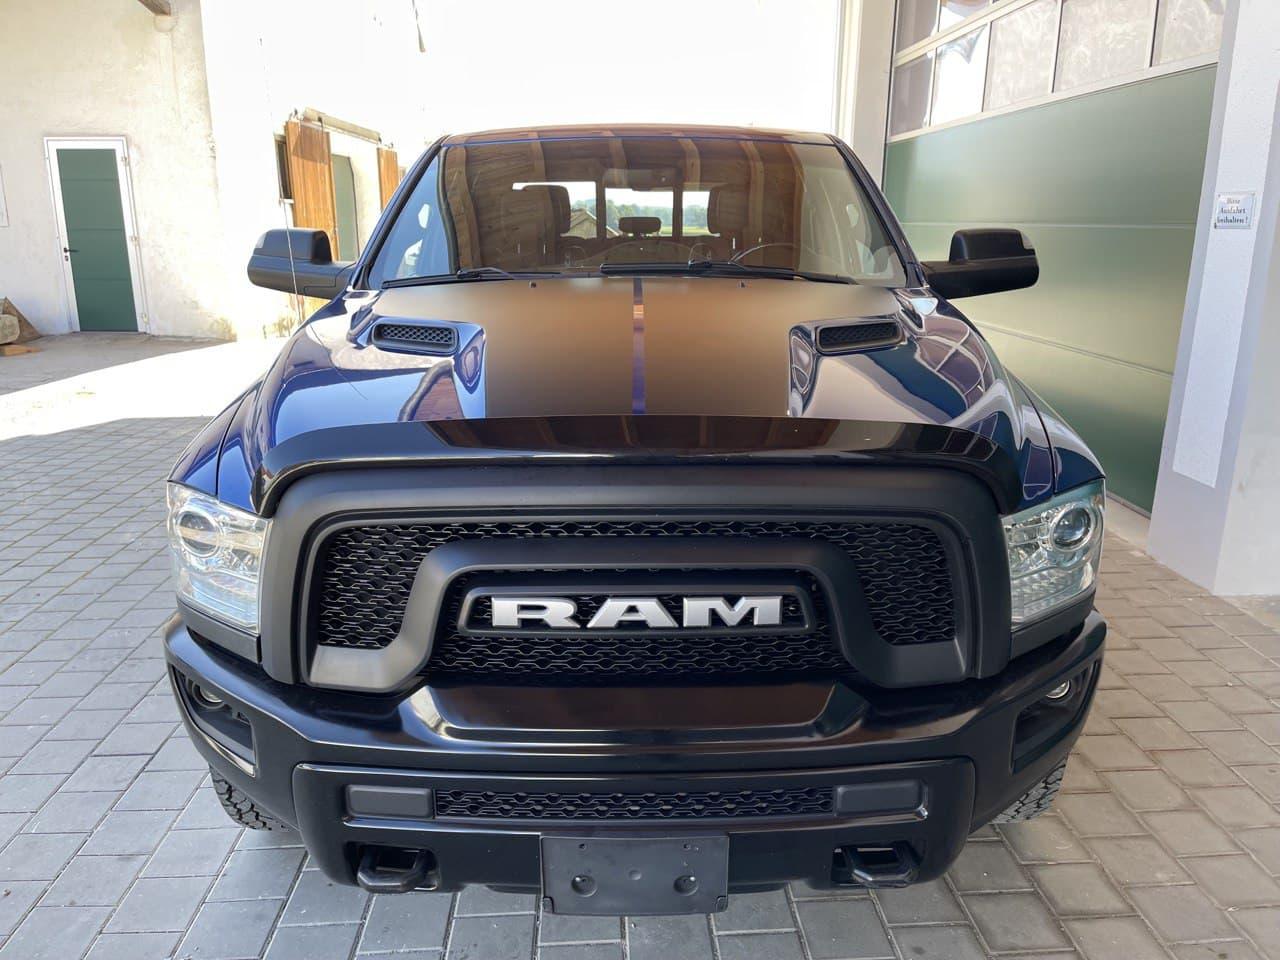 Dodge Ram 1500 Rebel zu verkaufen